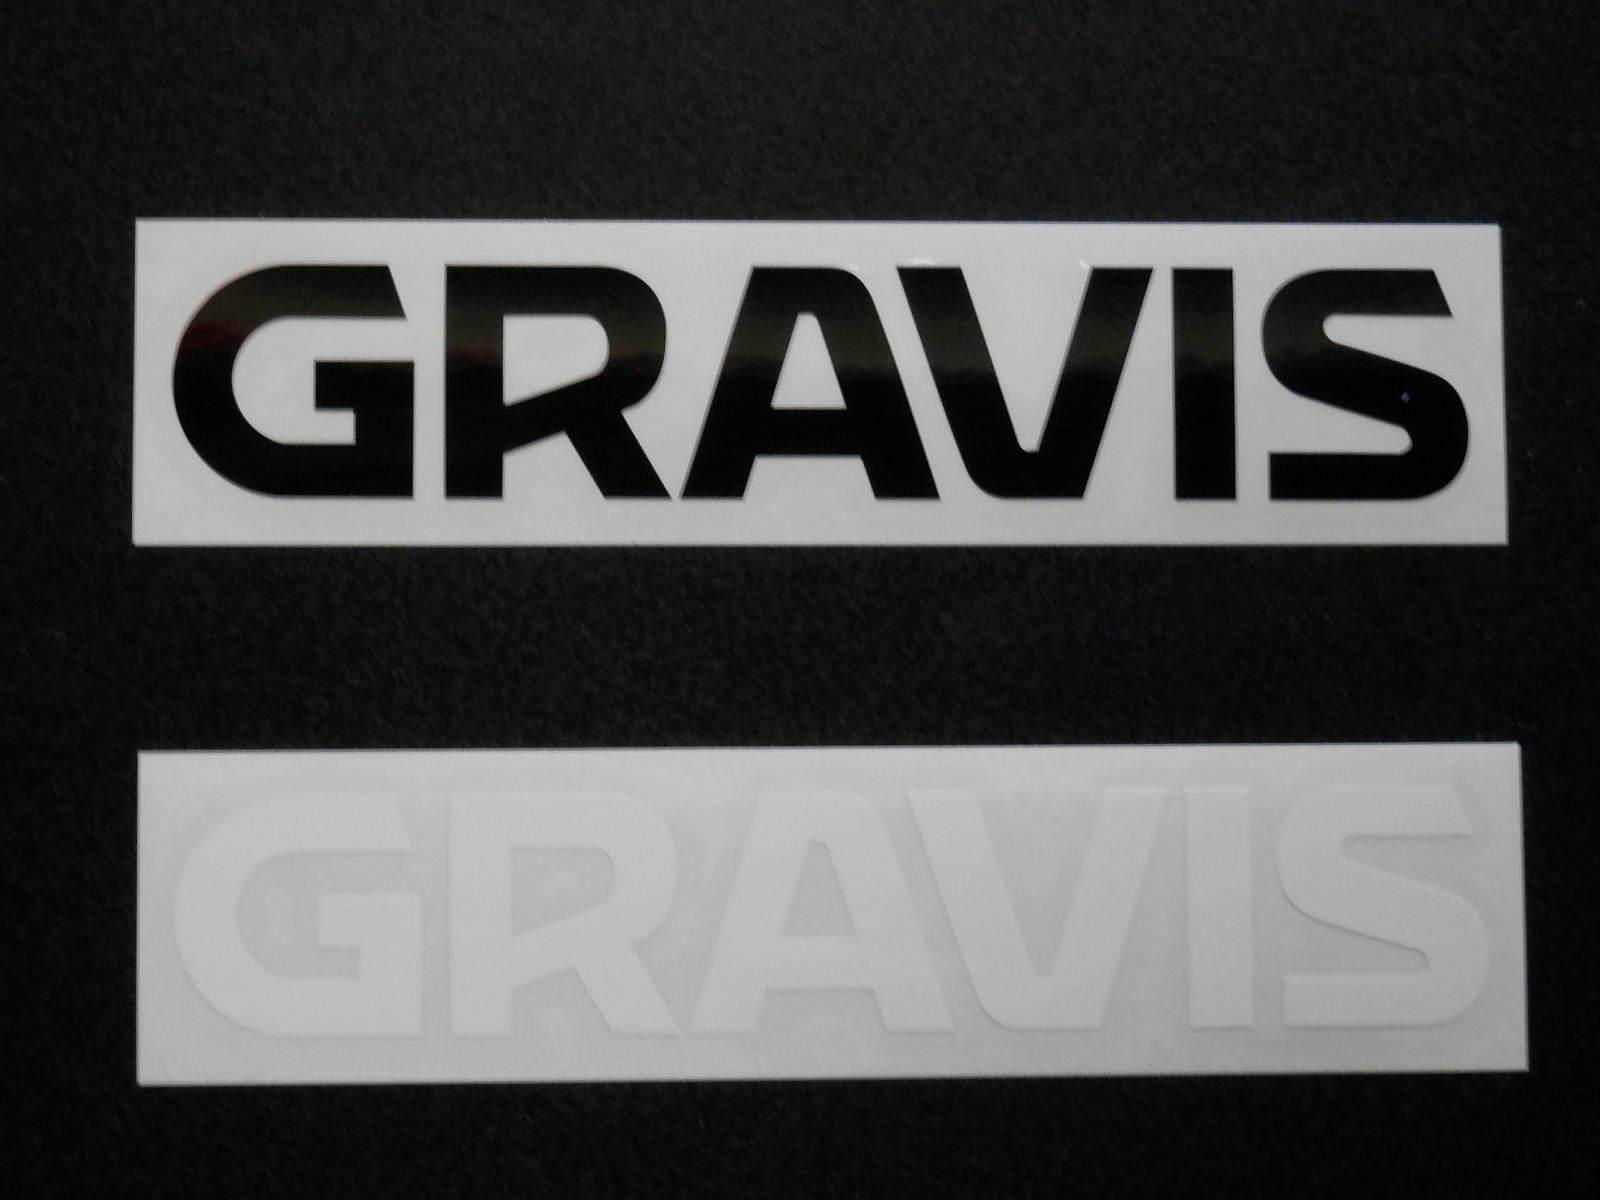 フットウェアーメーカーのダイカットタイプのステッカー お得なキャンペーンを実施中 Gravis Logo タイムセール グラビス Sticker ロゴステッカー